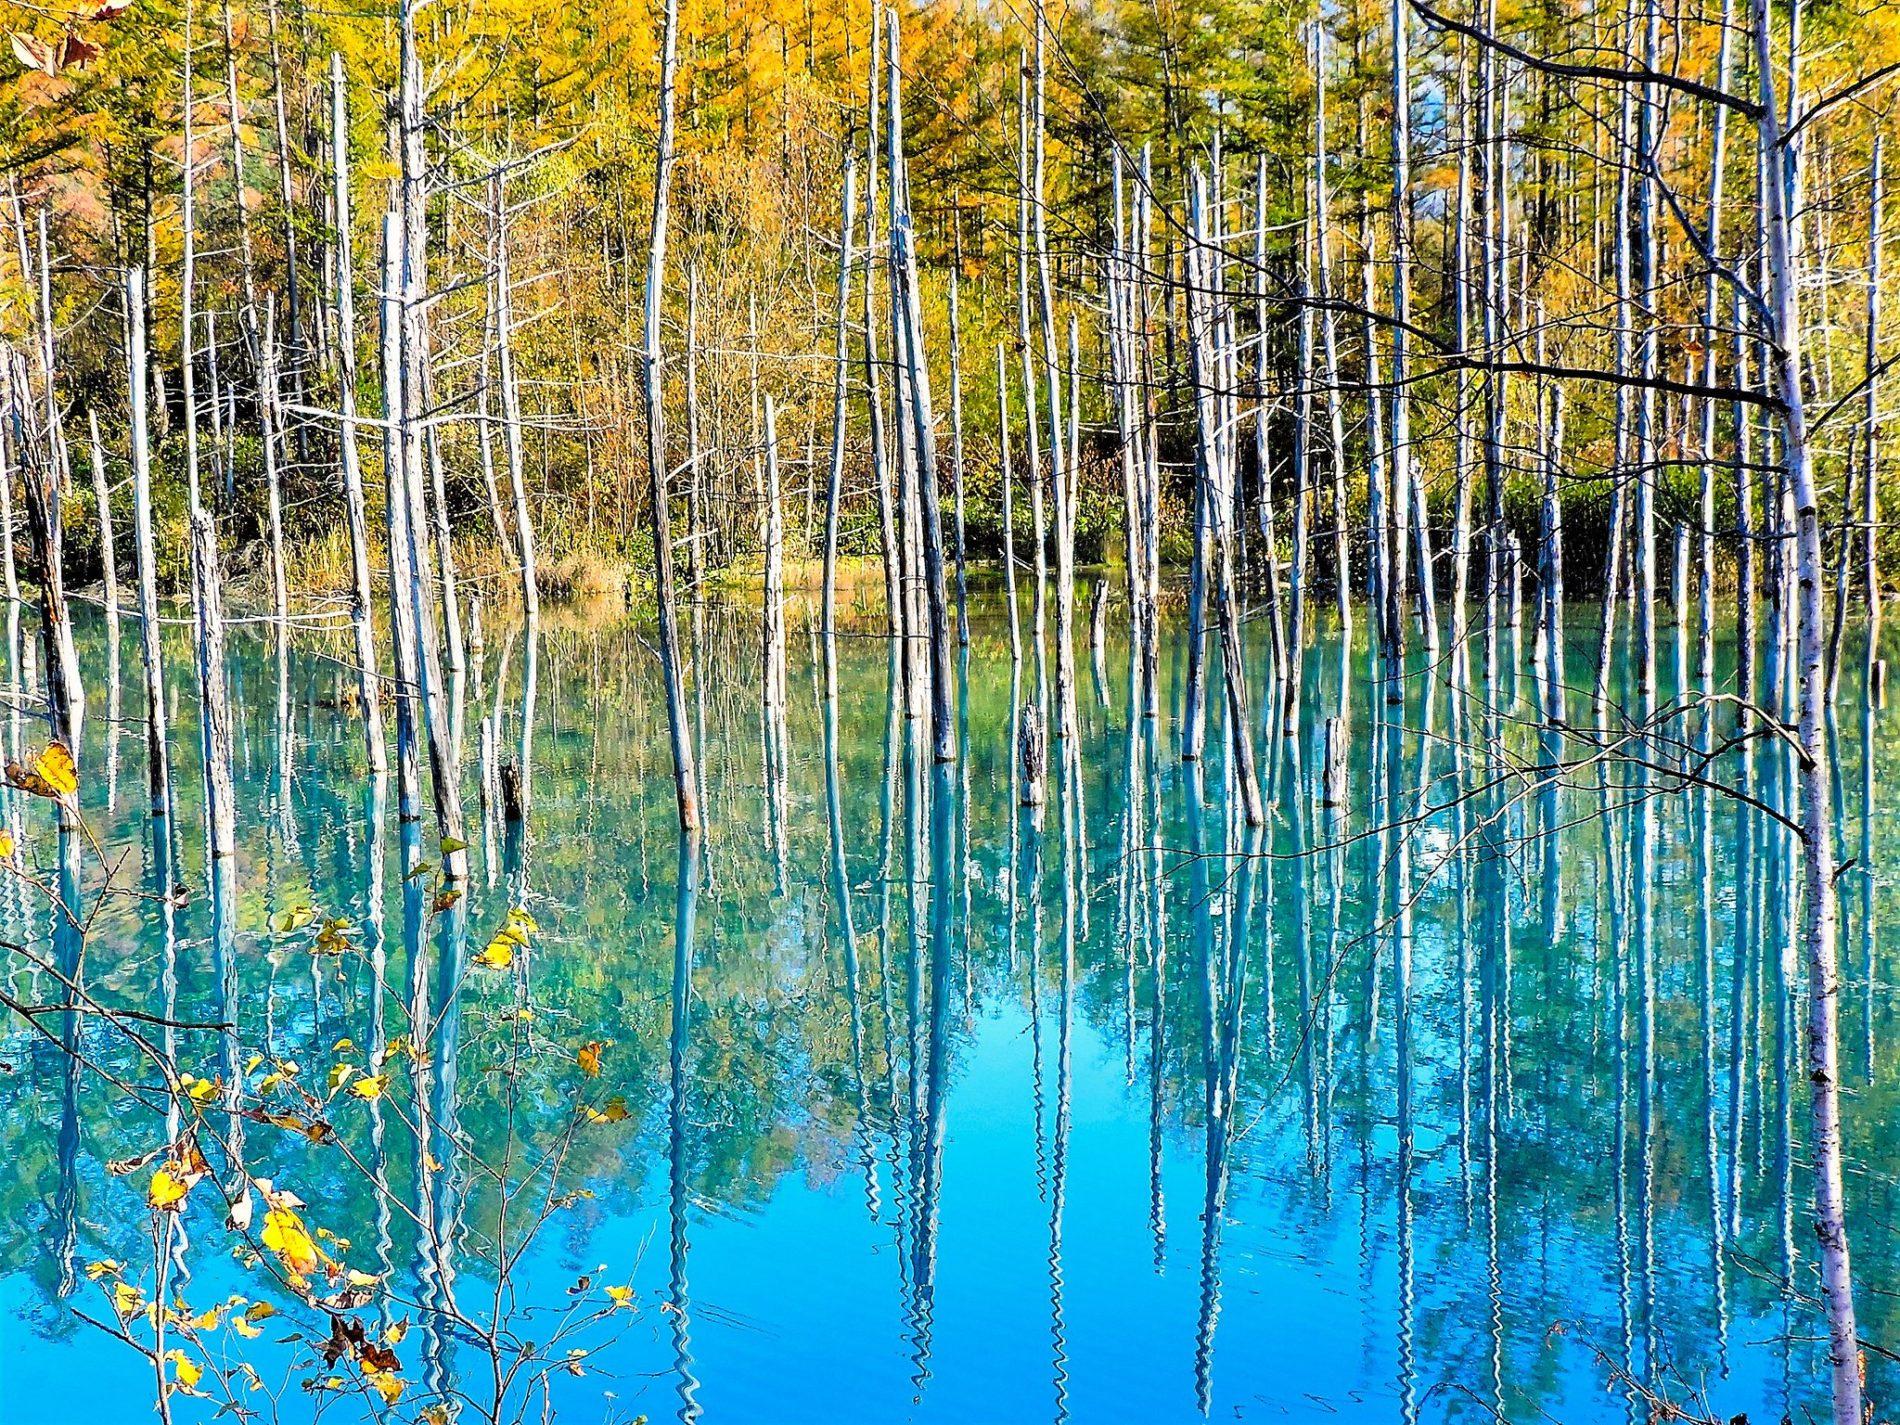 Der Blaue Teich sieht das ganze Jahr über anders aus. Besonders bezaubernd ist der Kontrast vom türkisblauen Wasser zum Gelb des Herbstlaubs.